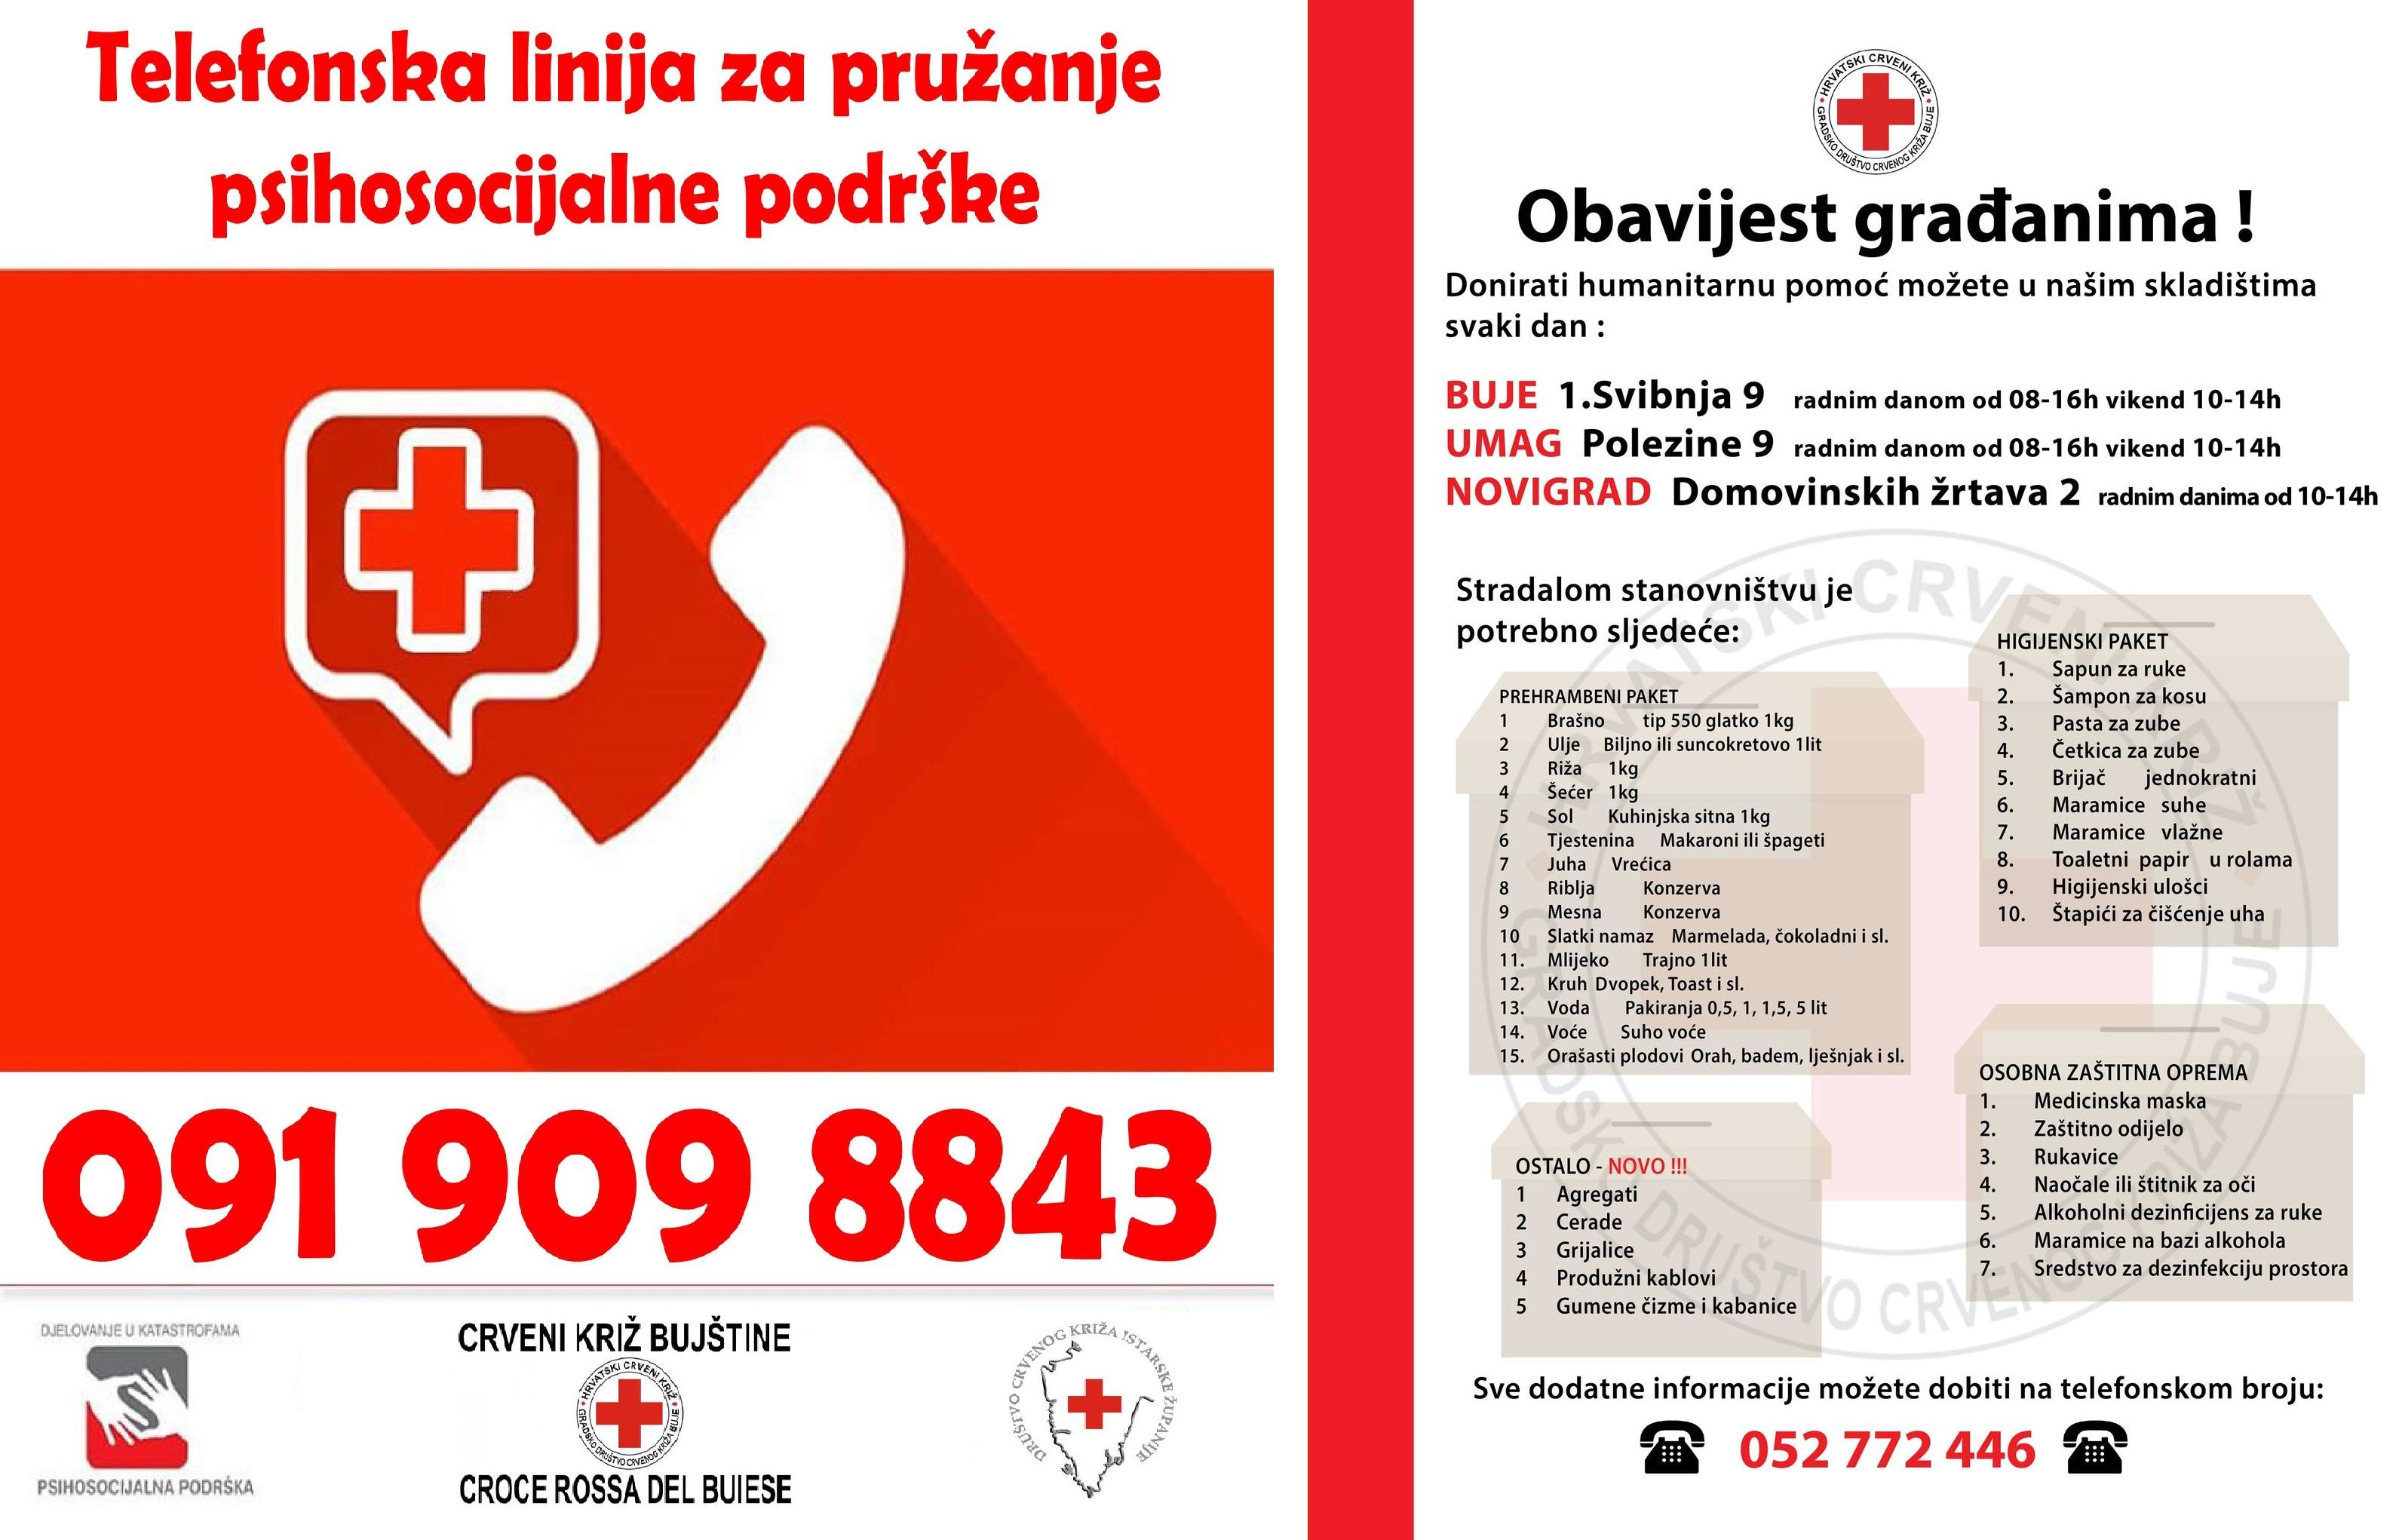 https://novigrad.hr/la_croce_rossa_del_buiese_ha_pubblicato_le_attuali_necessita_di_aiuti_umani